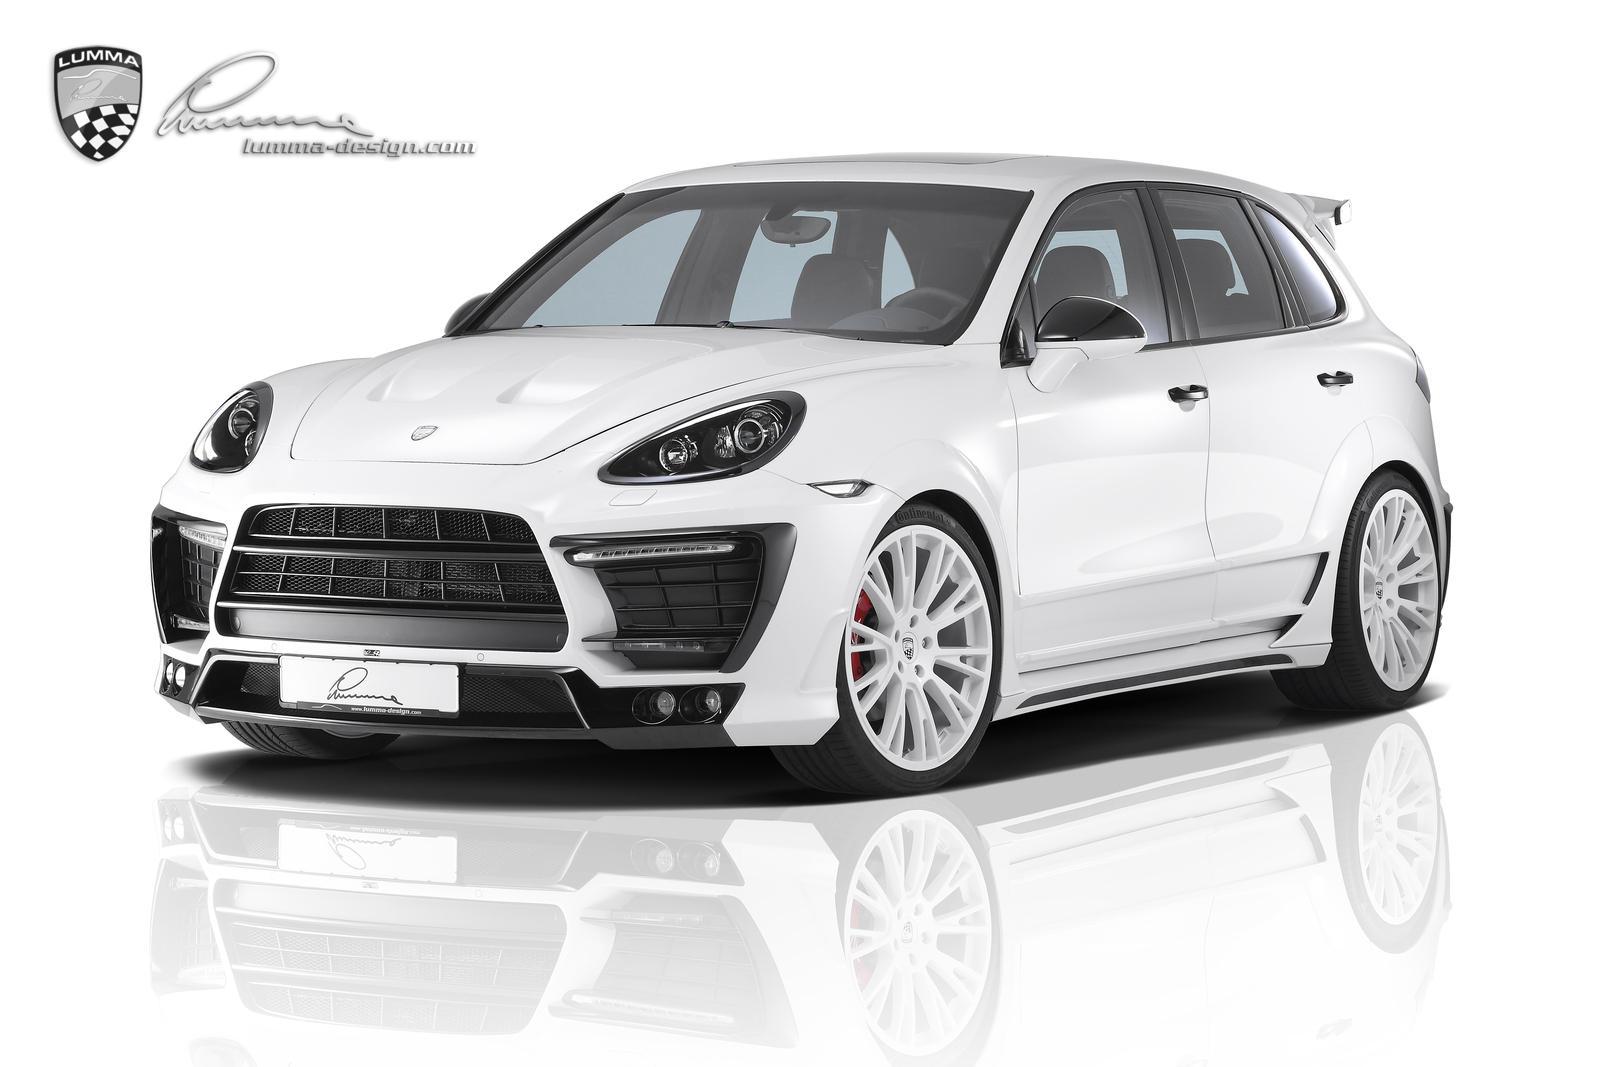 http://www.automobilesreview.com/img/lumma-design-porsche-cayenne-s-clr-558-gt/lumma-design-porsche-cayenne-s-clr-558-gt-02.jpg